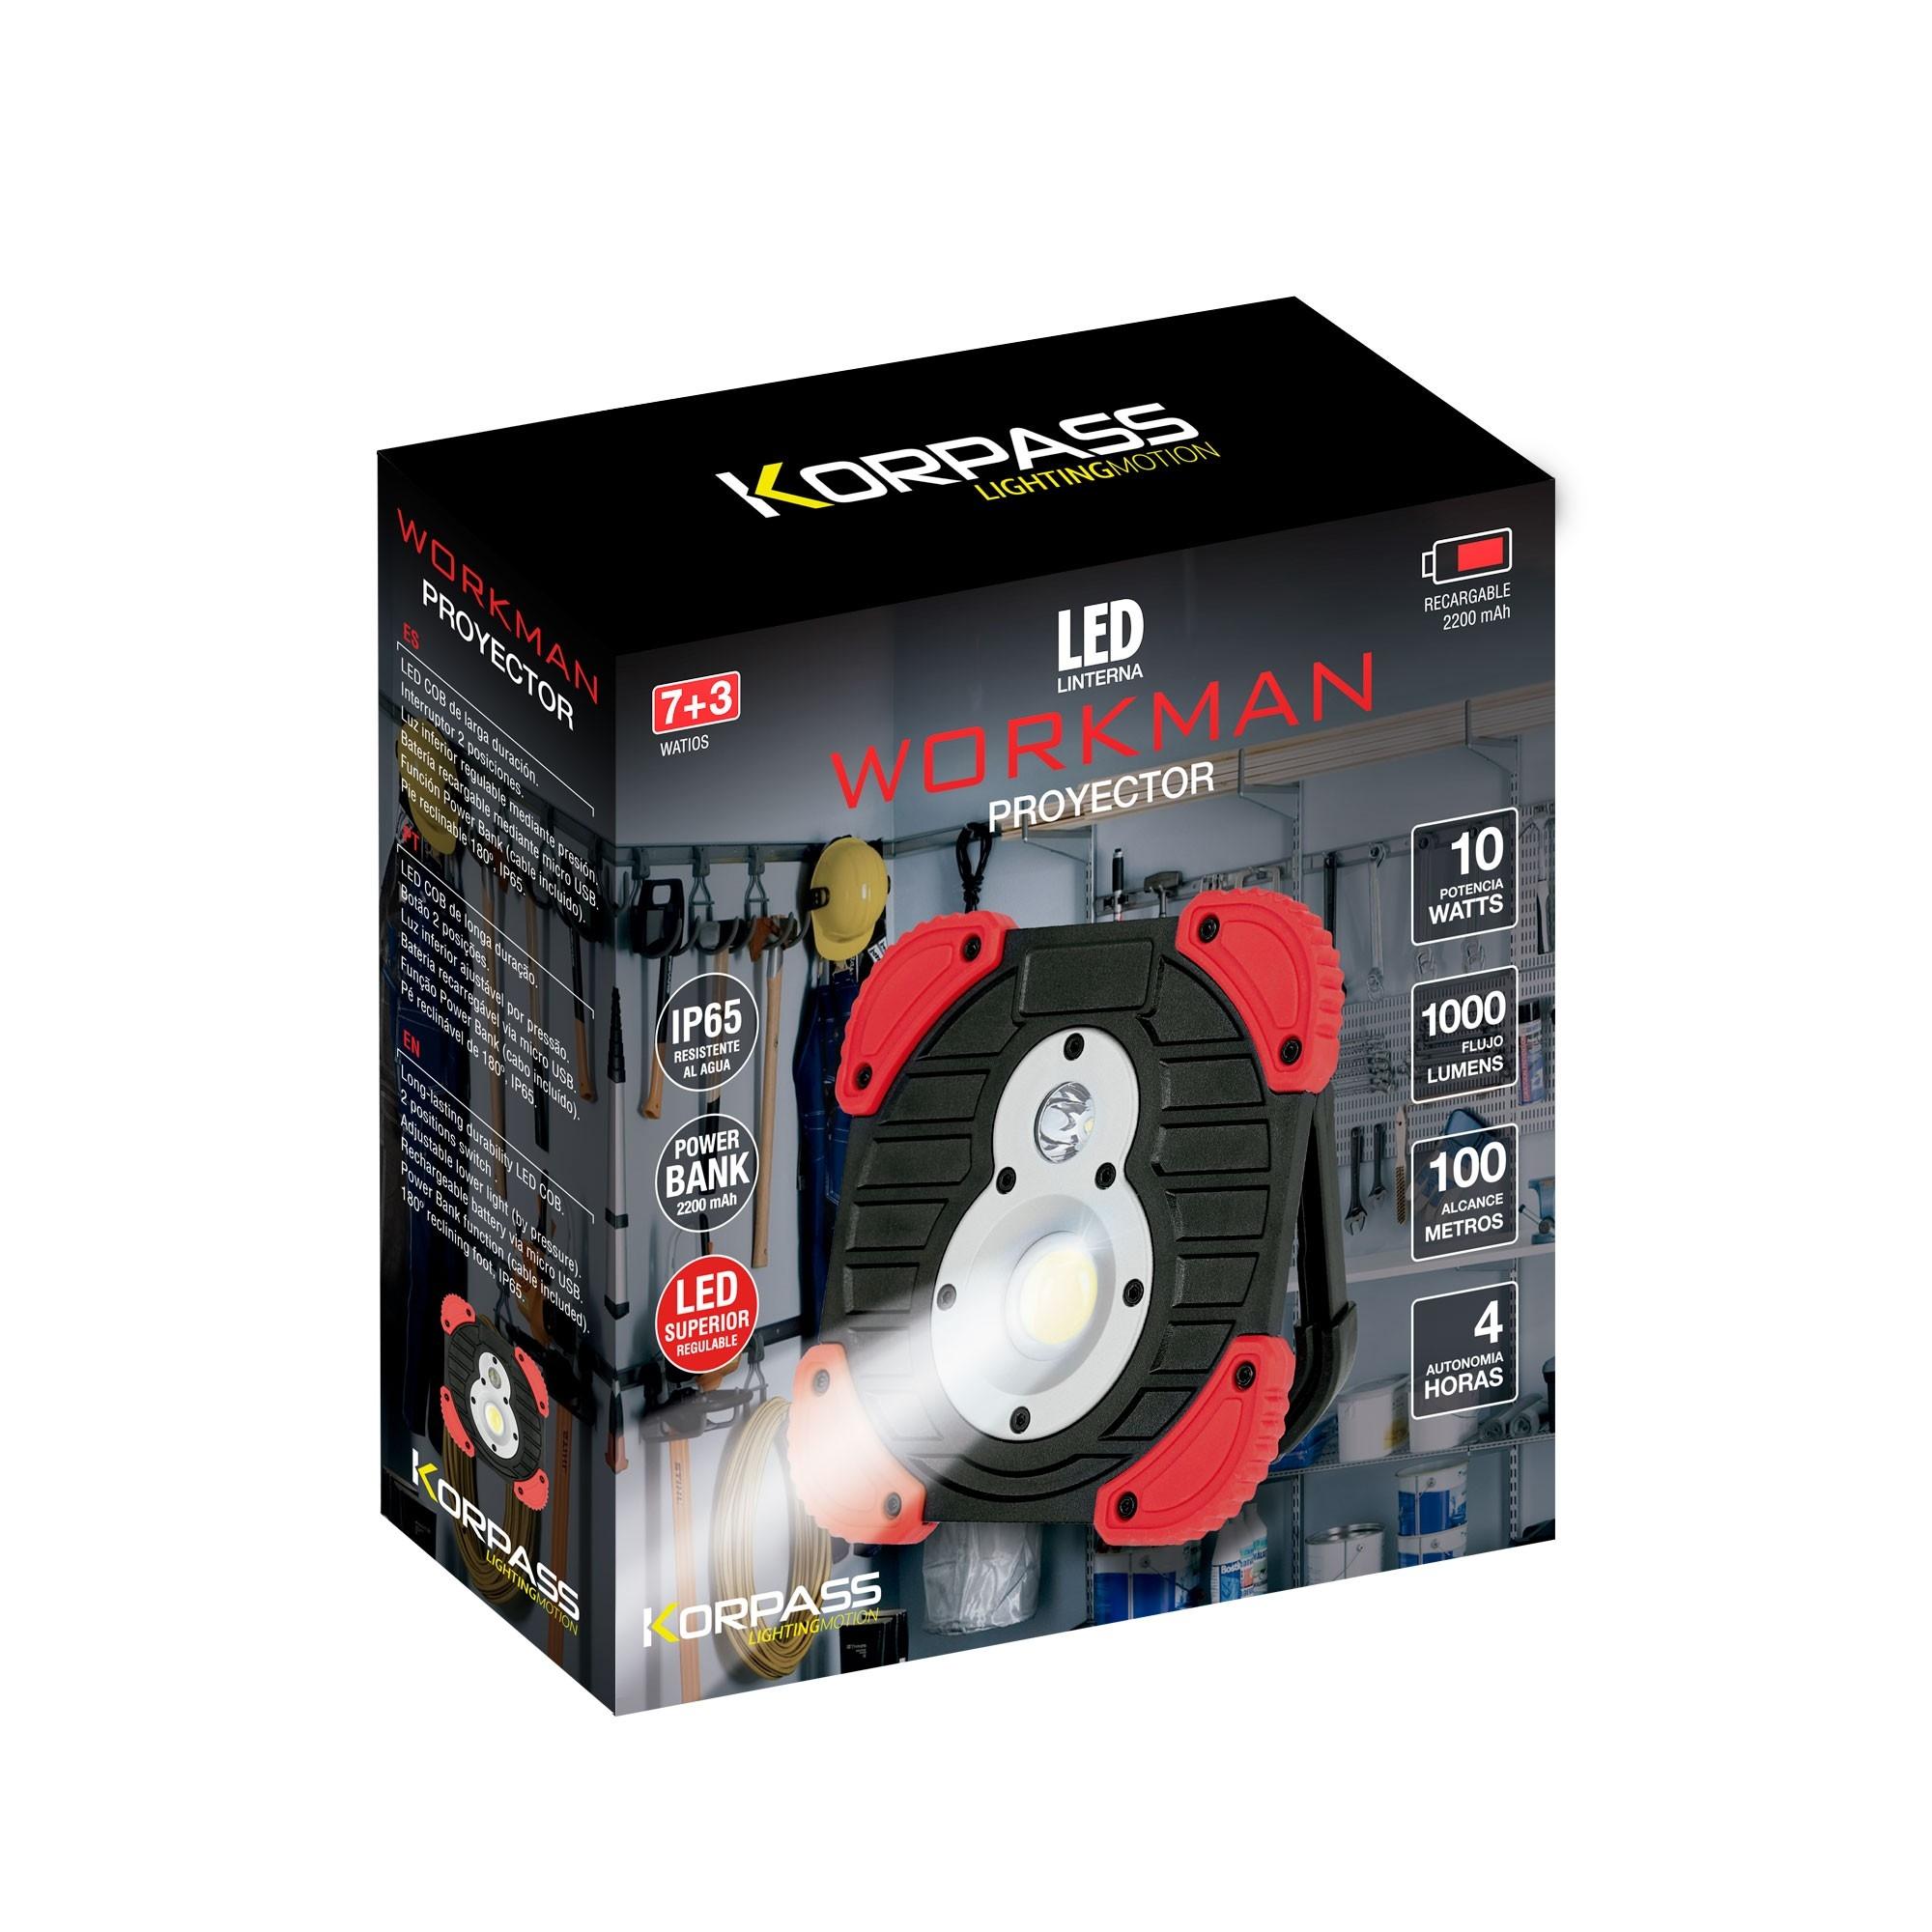 Werklamp KORPASS 10W 1000LM - 3 standen